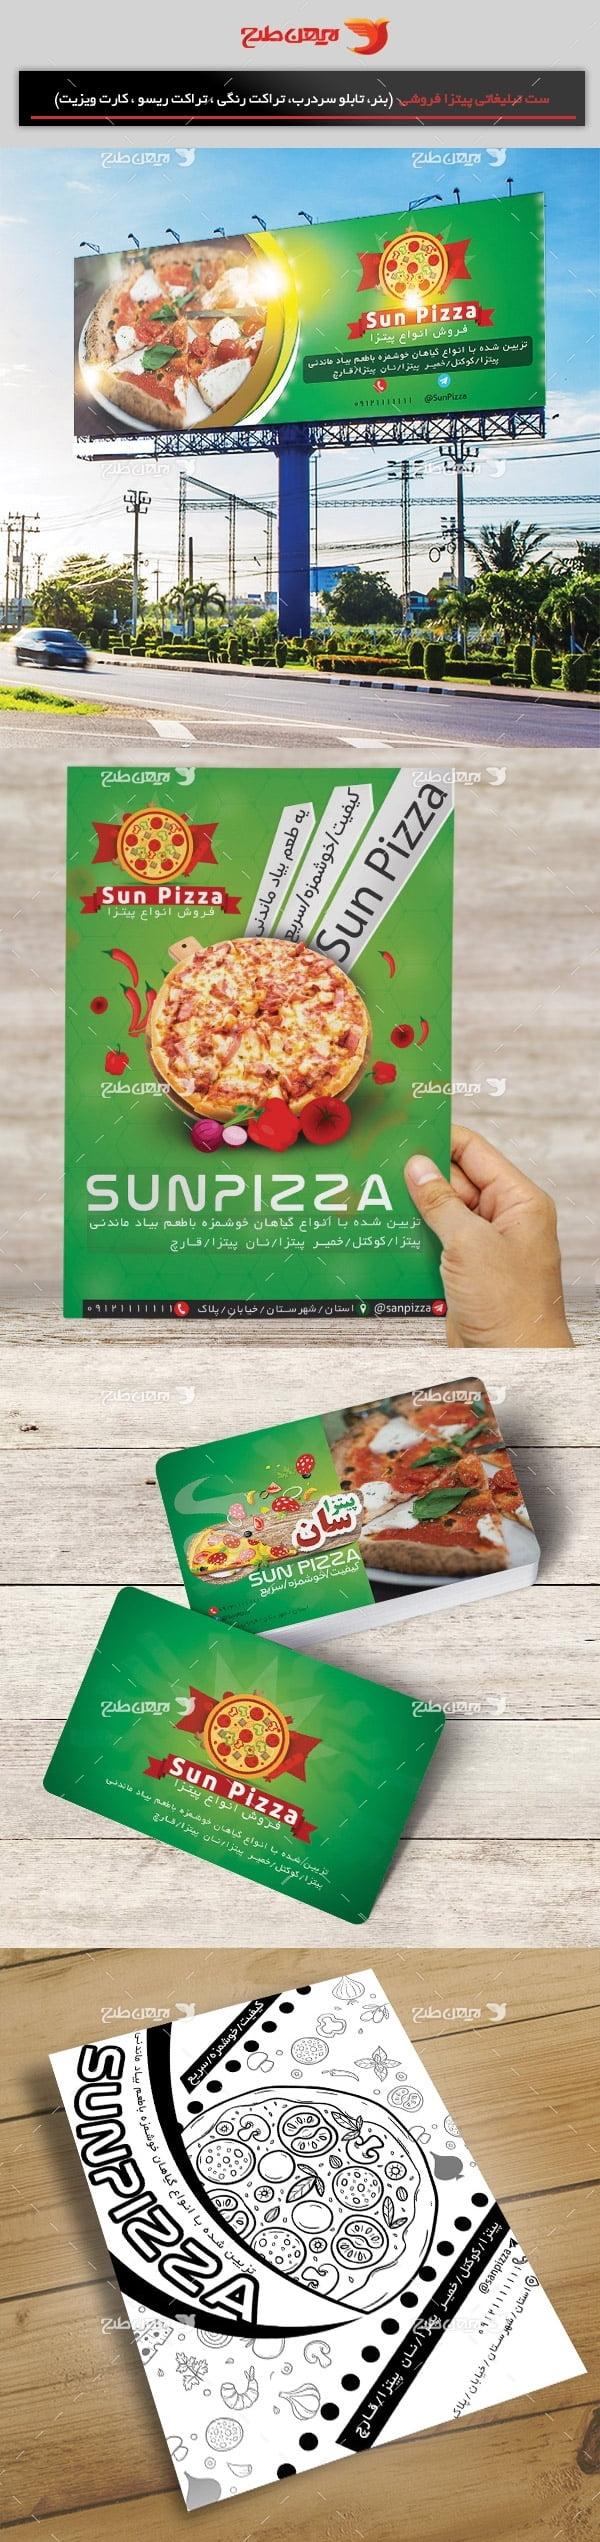 ست تبليغاتي فست فود و پیتزا فروشی سان